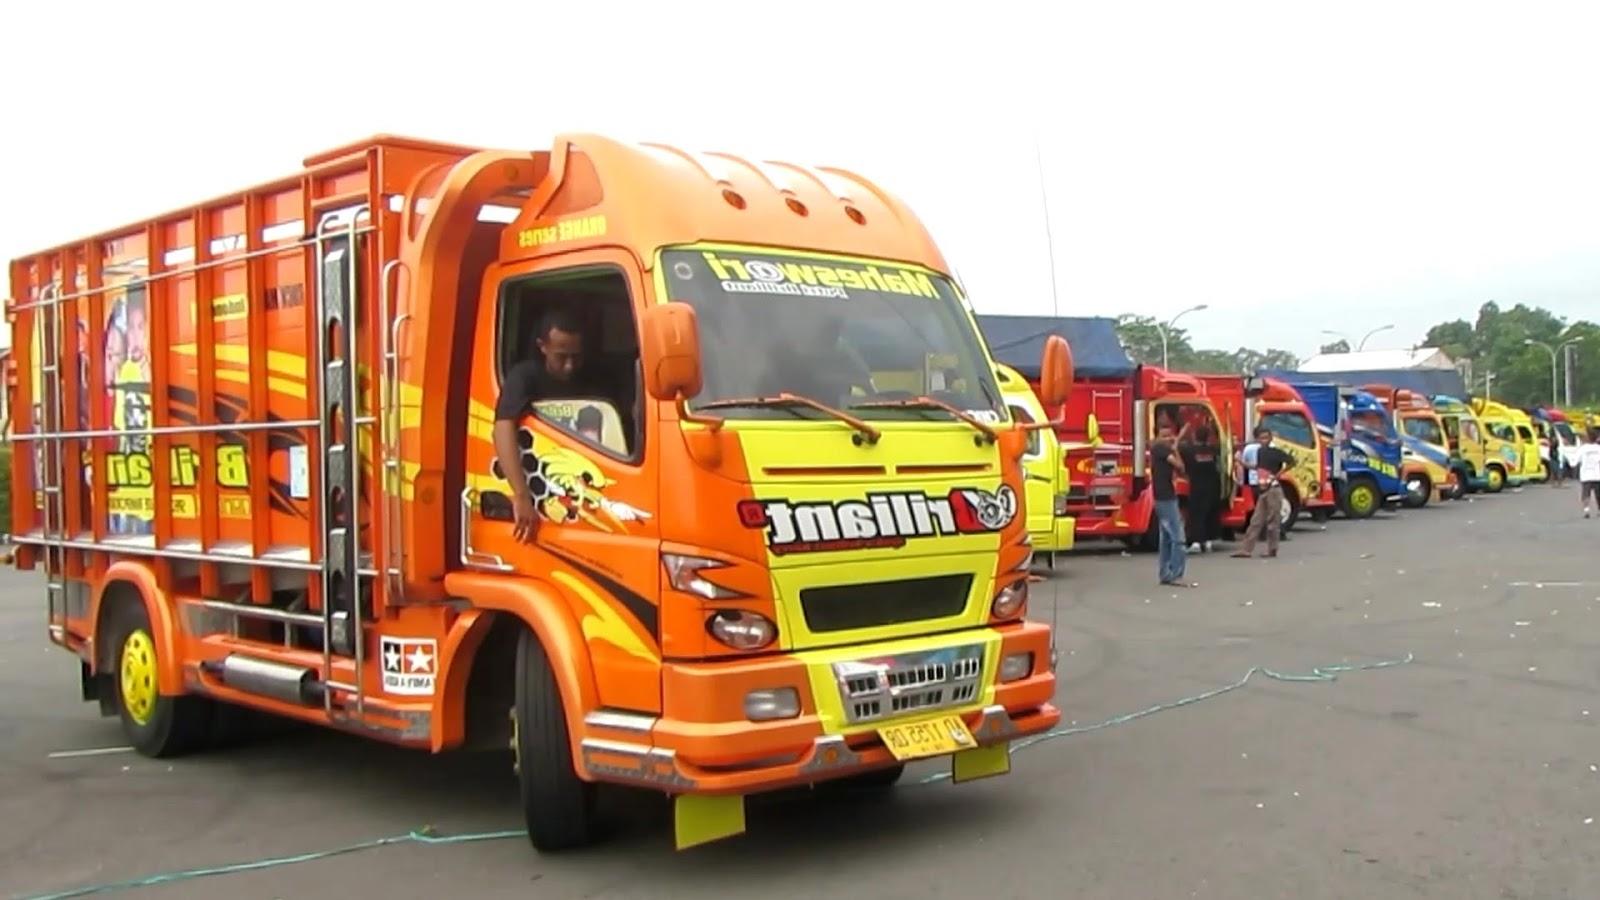 Kumpulan Modif Mobil Truk Ragasa Gambar Foto Terbaru Terlengkap